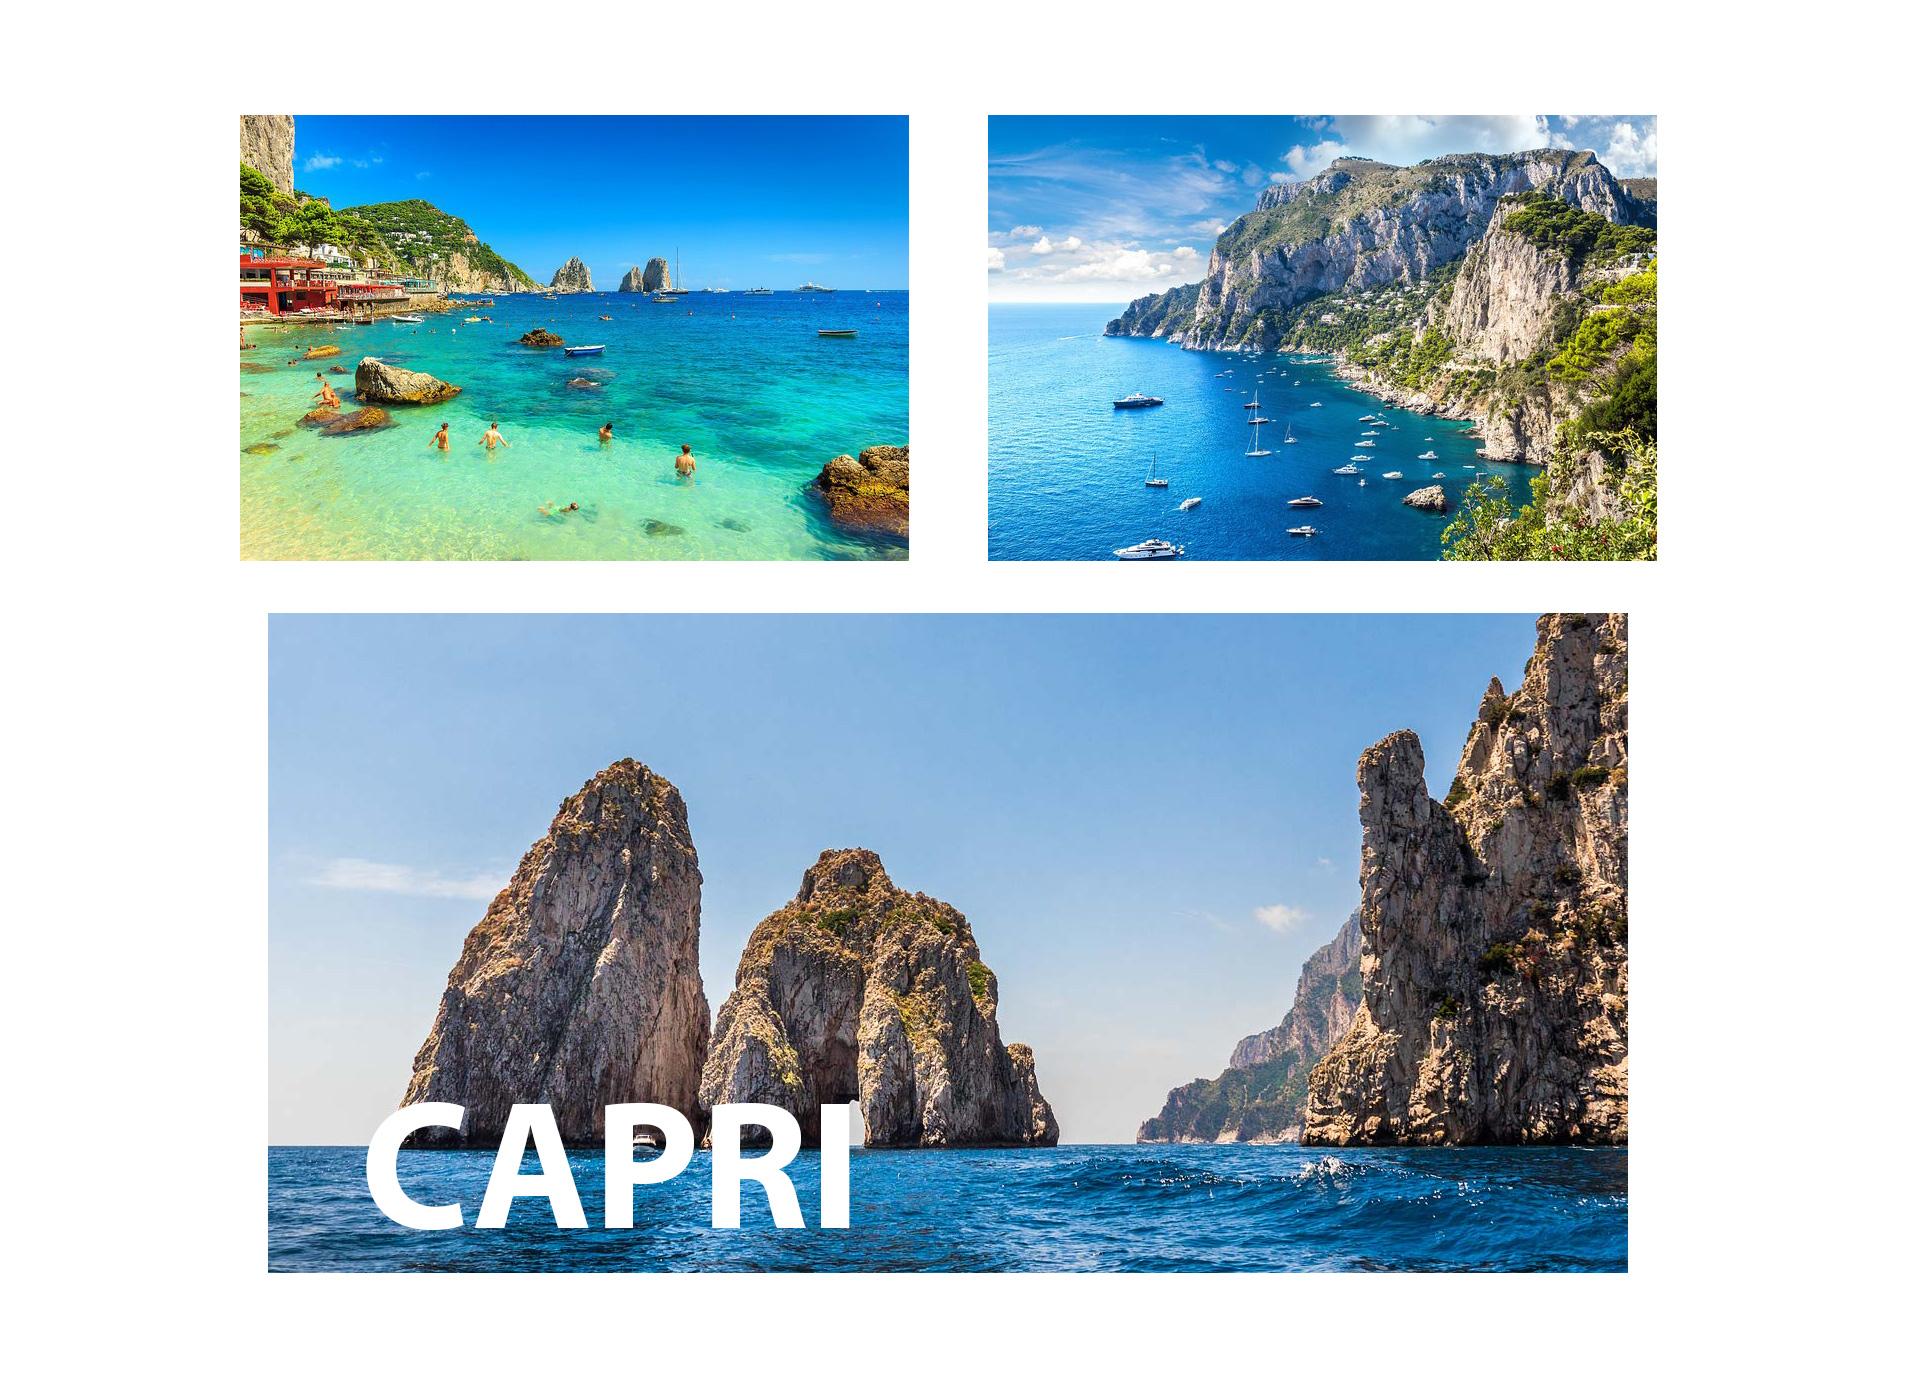 Những điểm đến tuyệt vời nhất nước Ý bạn nên đến 1 lần trong đời - 7